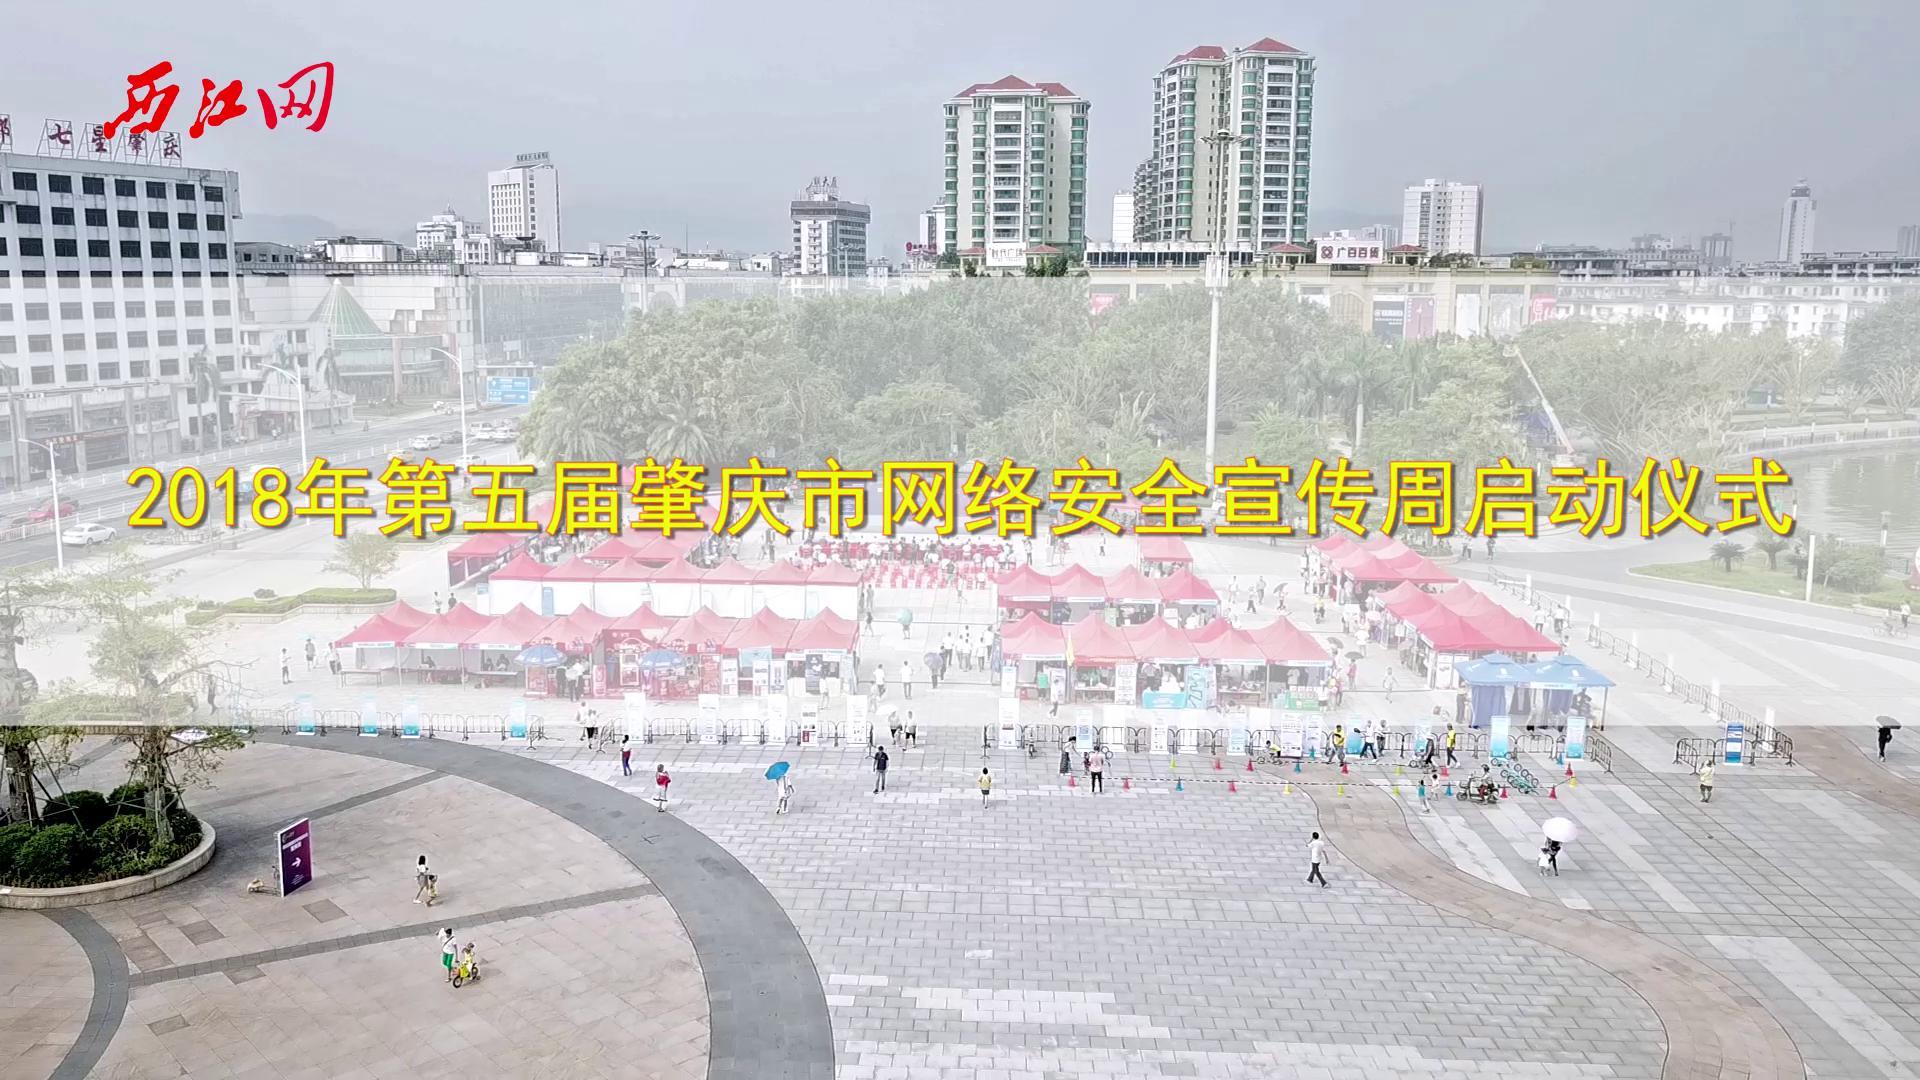 2018年第五届肇庆市网络安全宣传周启动仪式航拍